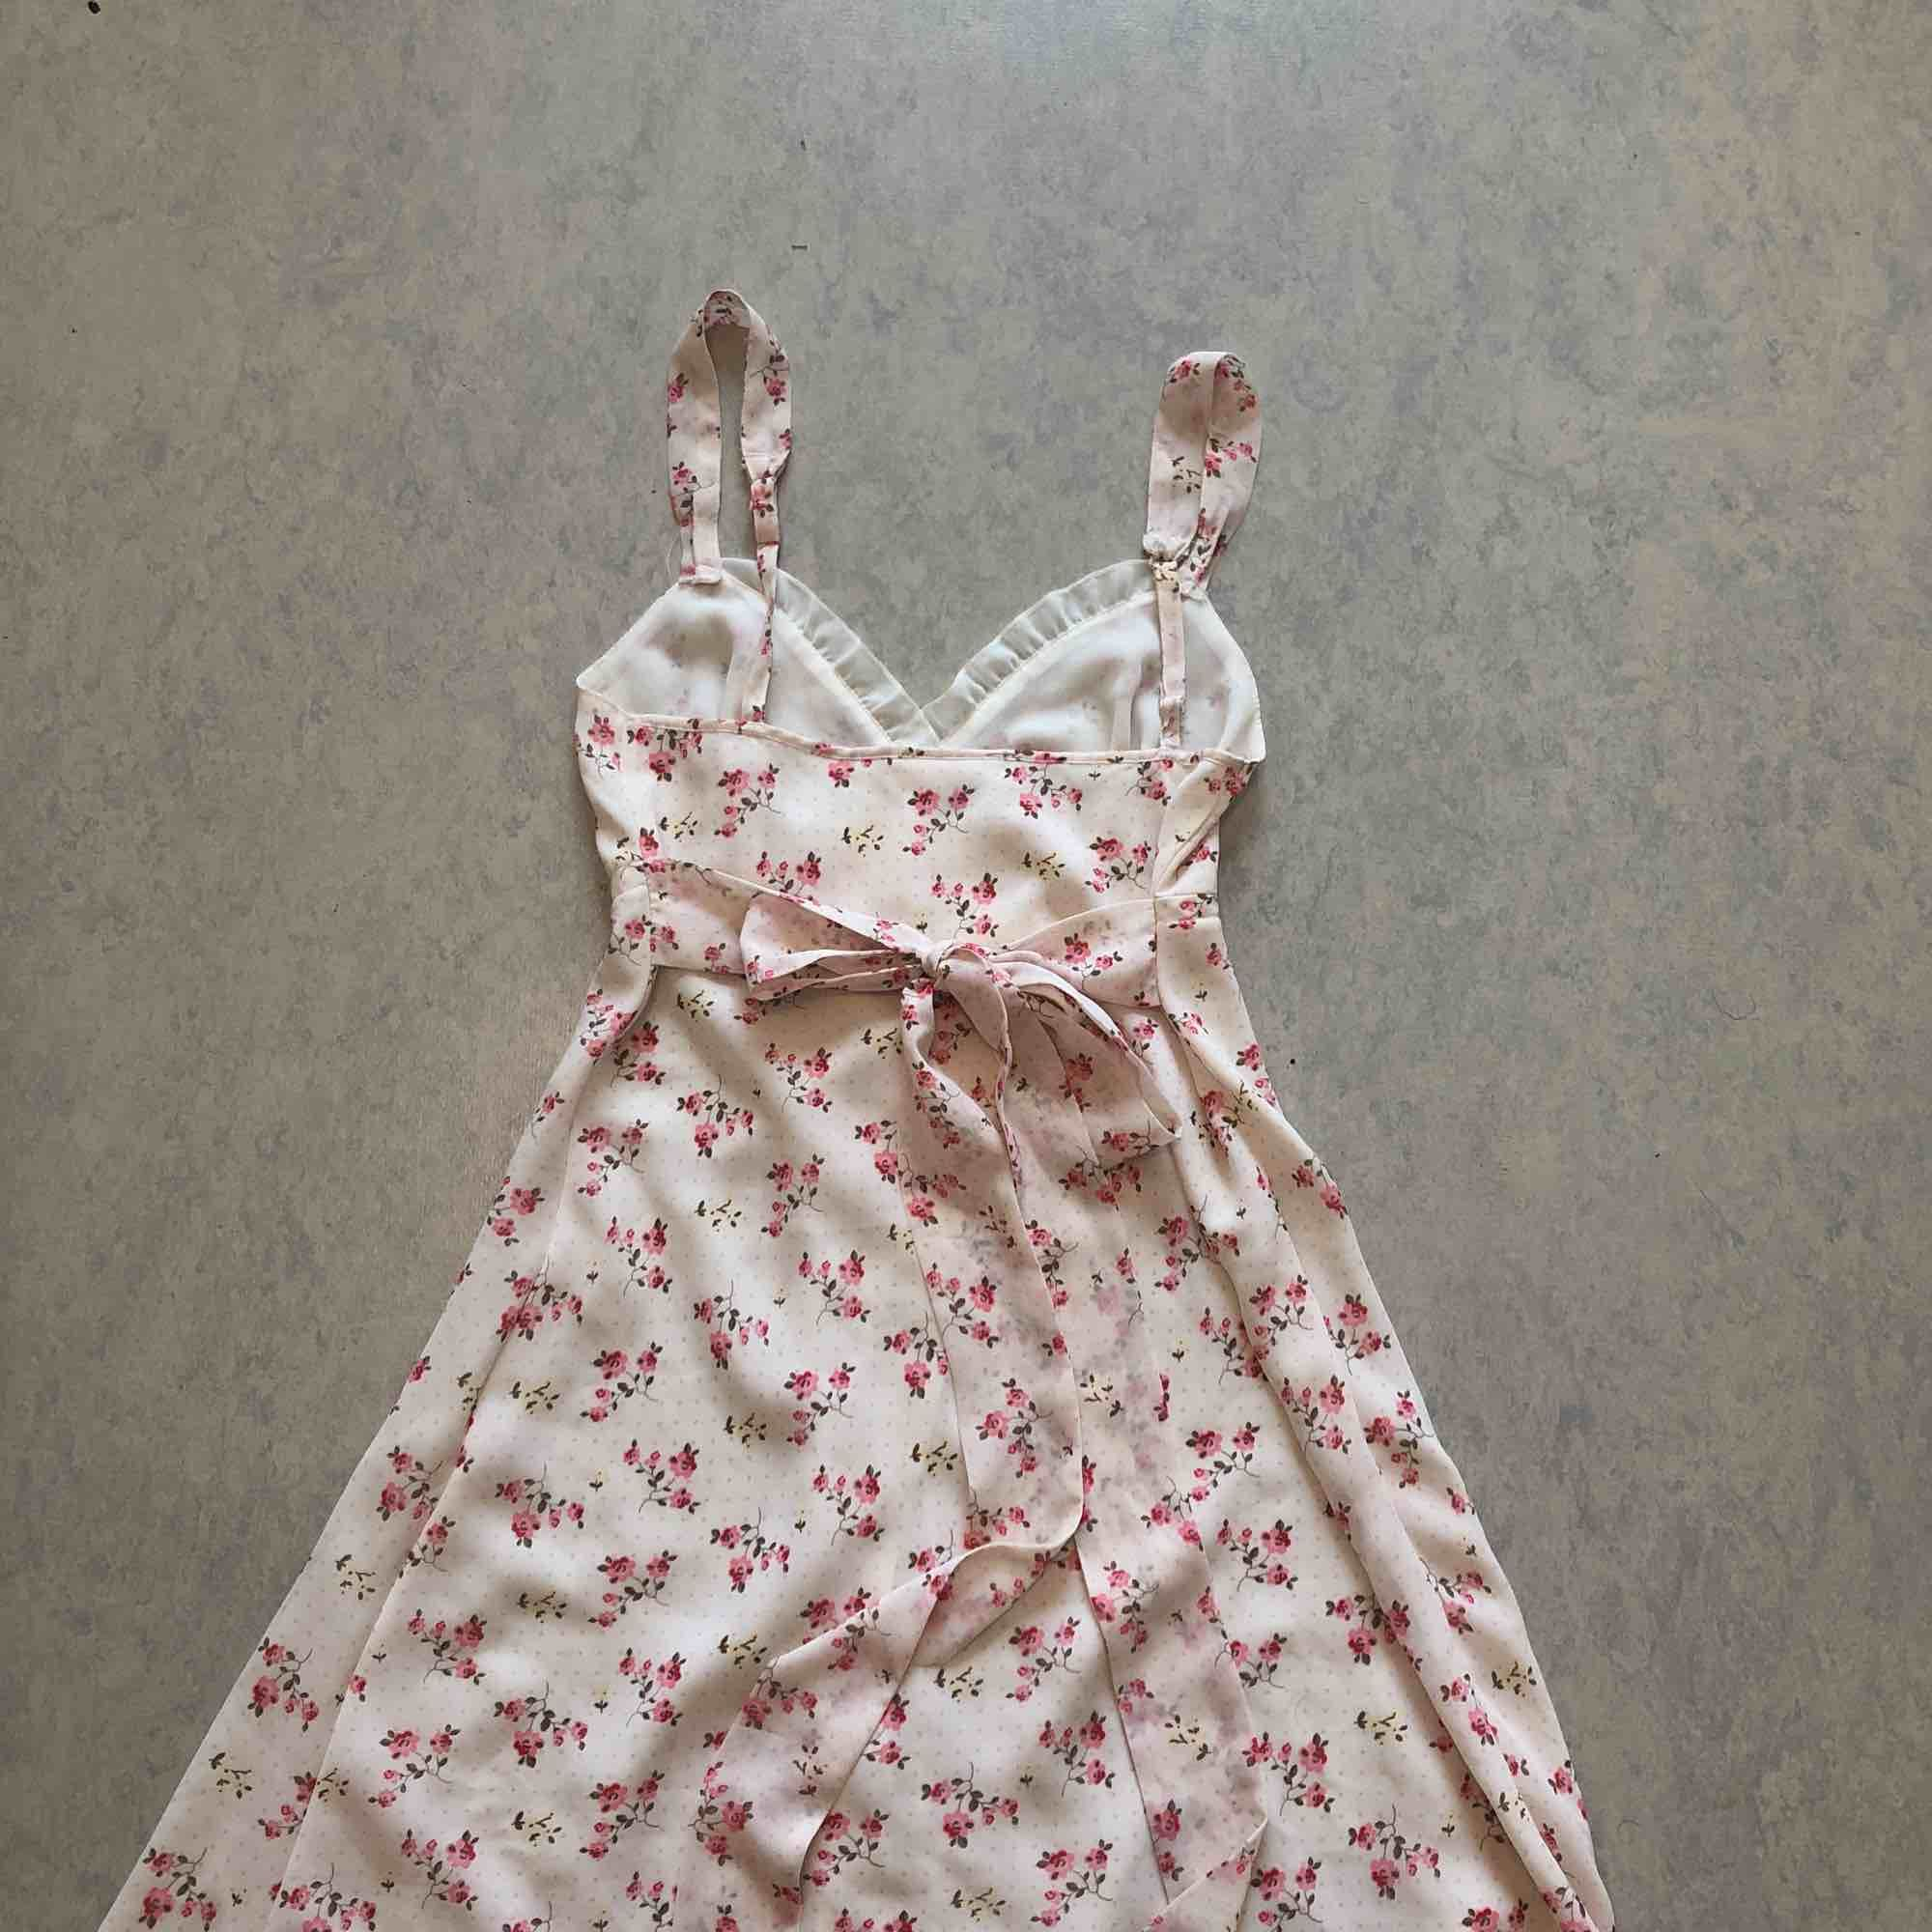 Superfin lingerie-klänning från Holland! . Klänningar.